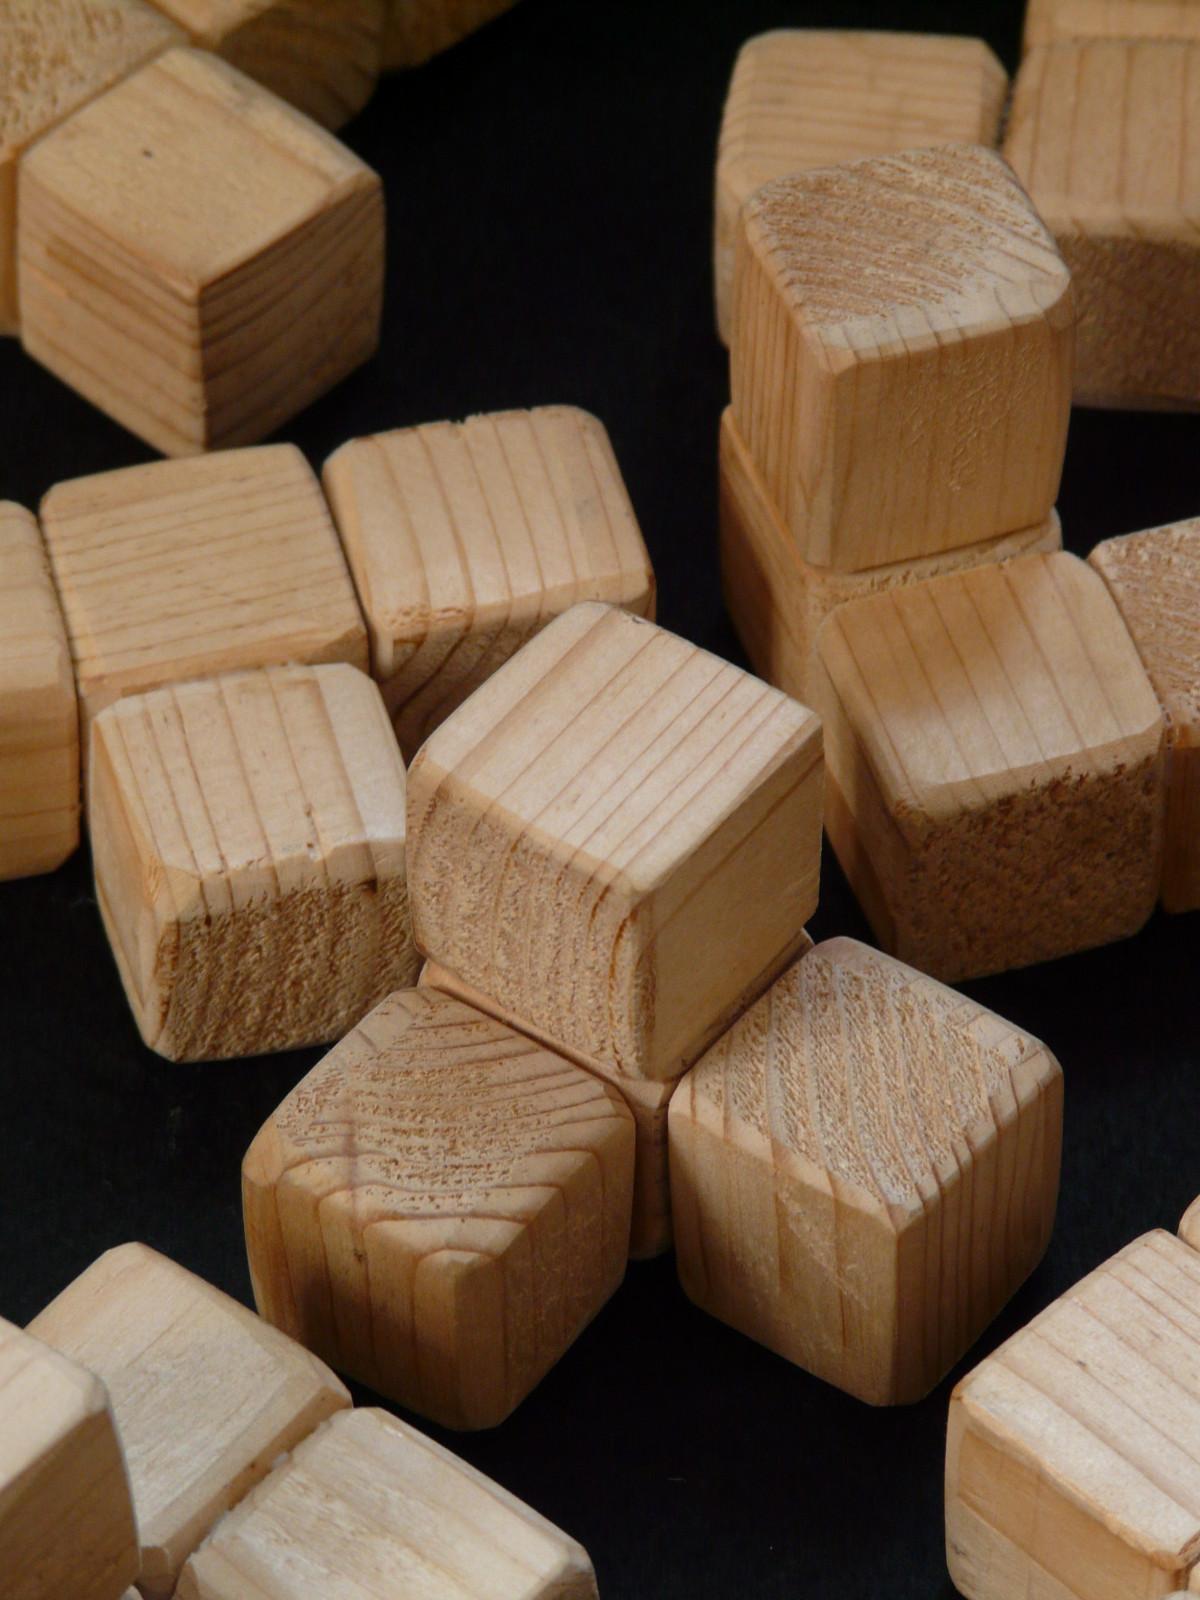 kostenlose foto holz messing spielzeug bauen w rfel puzzle puzzleteil holzspielzeug. Black Bedroom Furniture Sets. Home Design Ideas